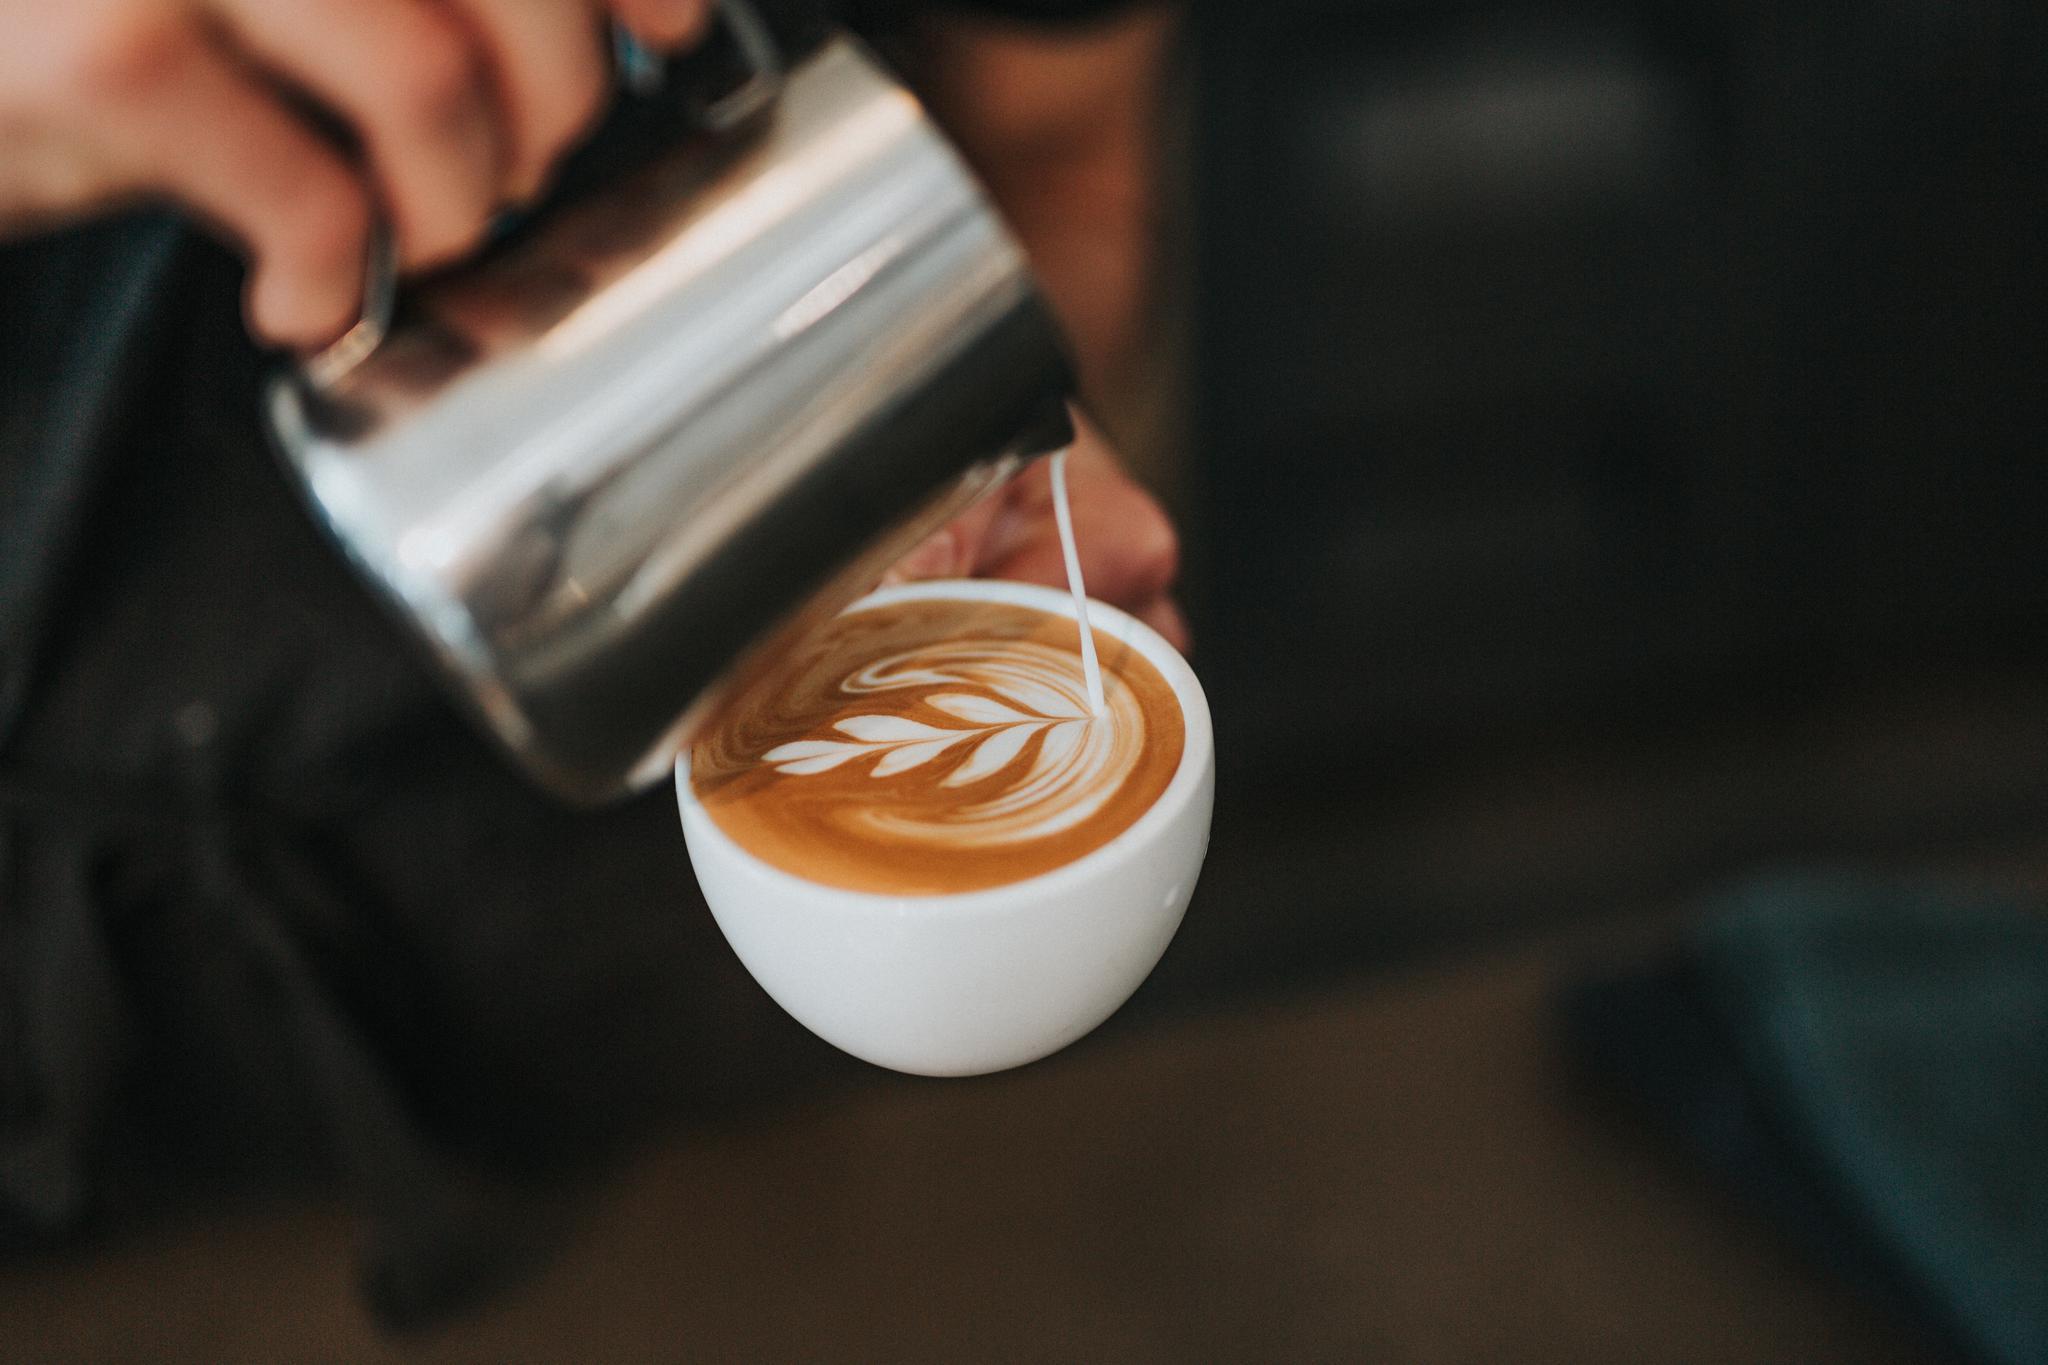 2019,喝咖啡这件小事图片